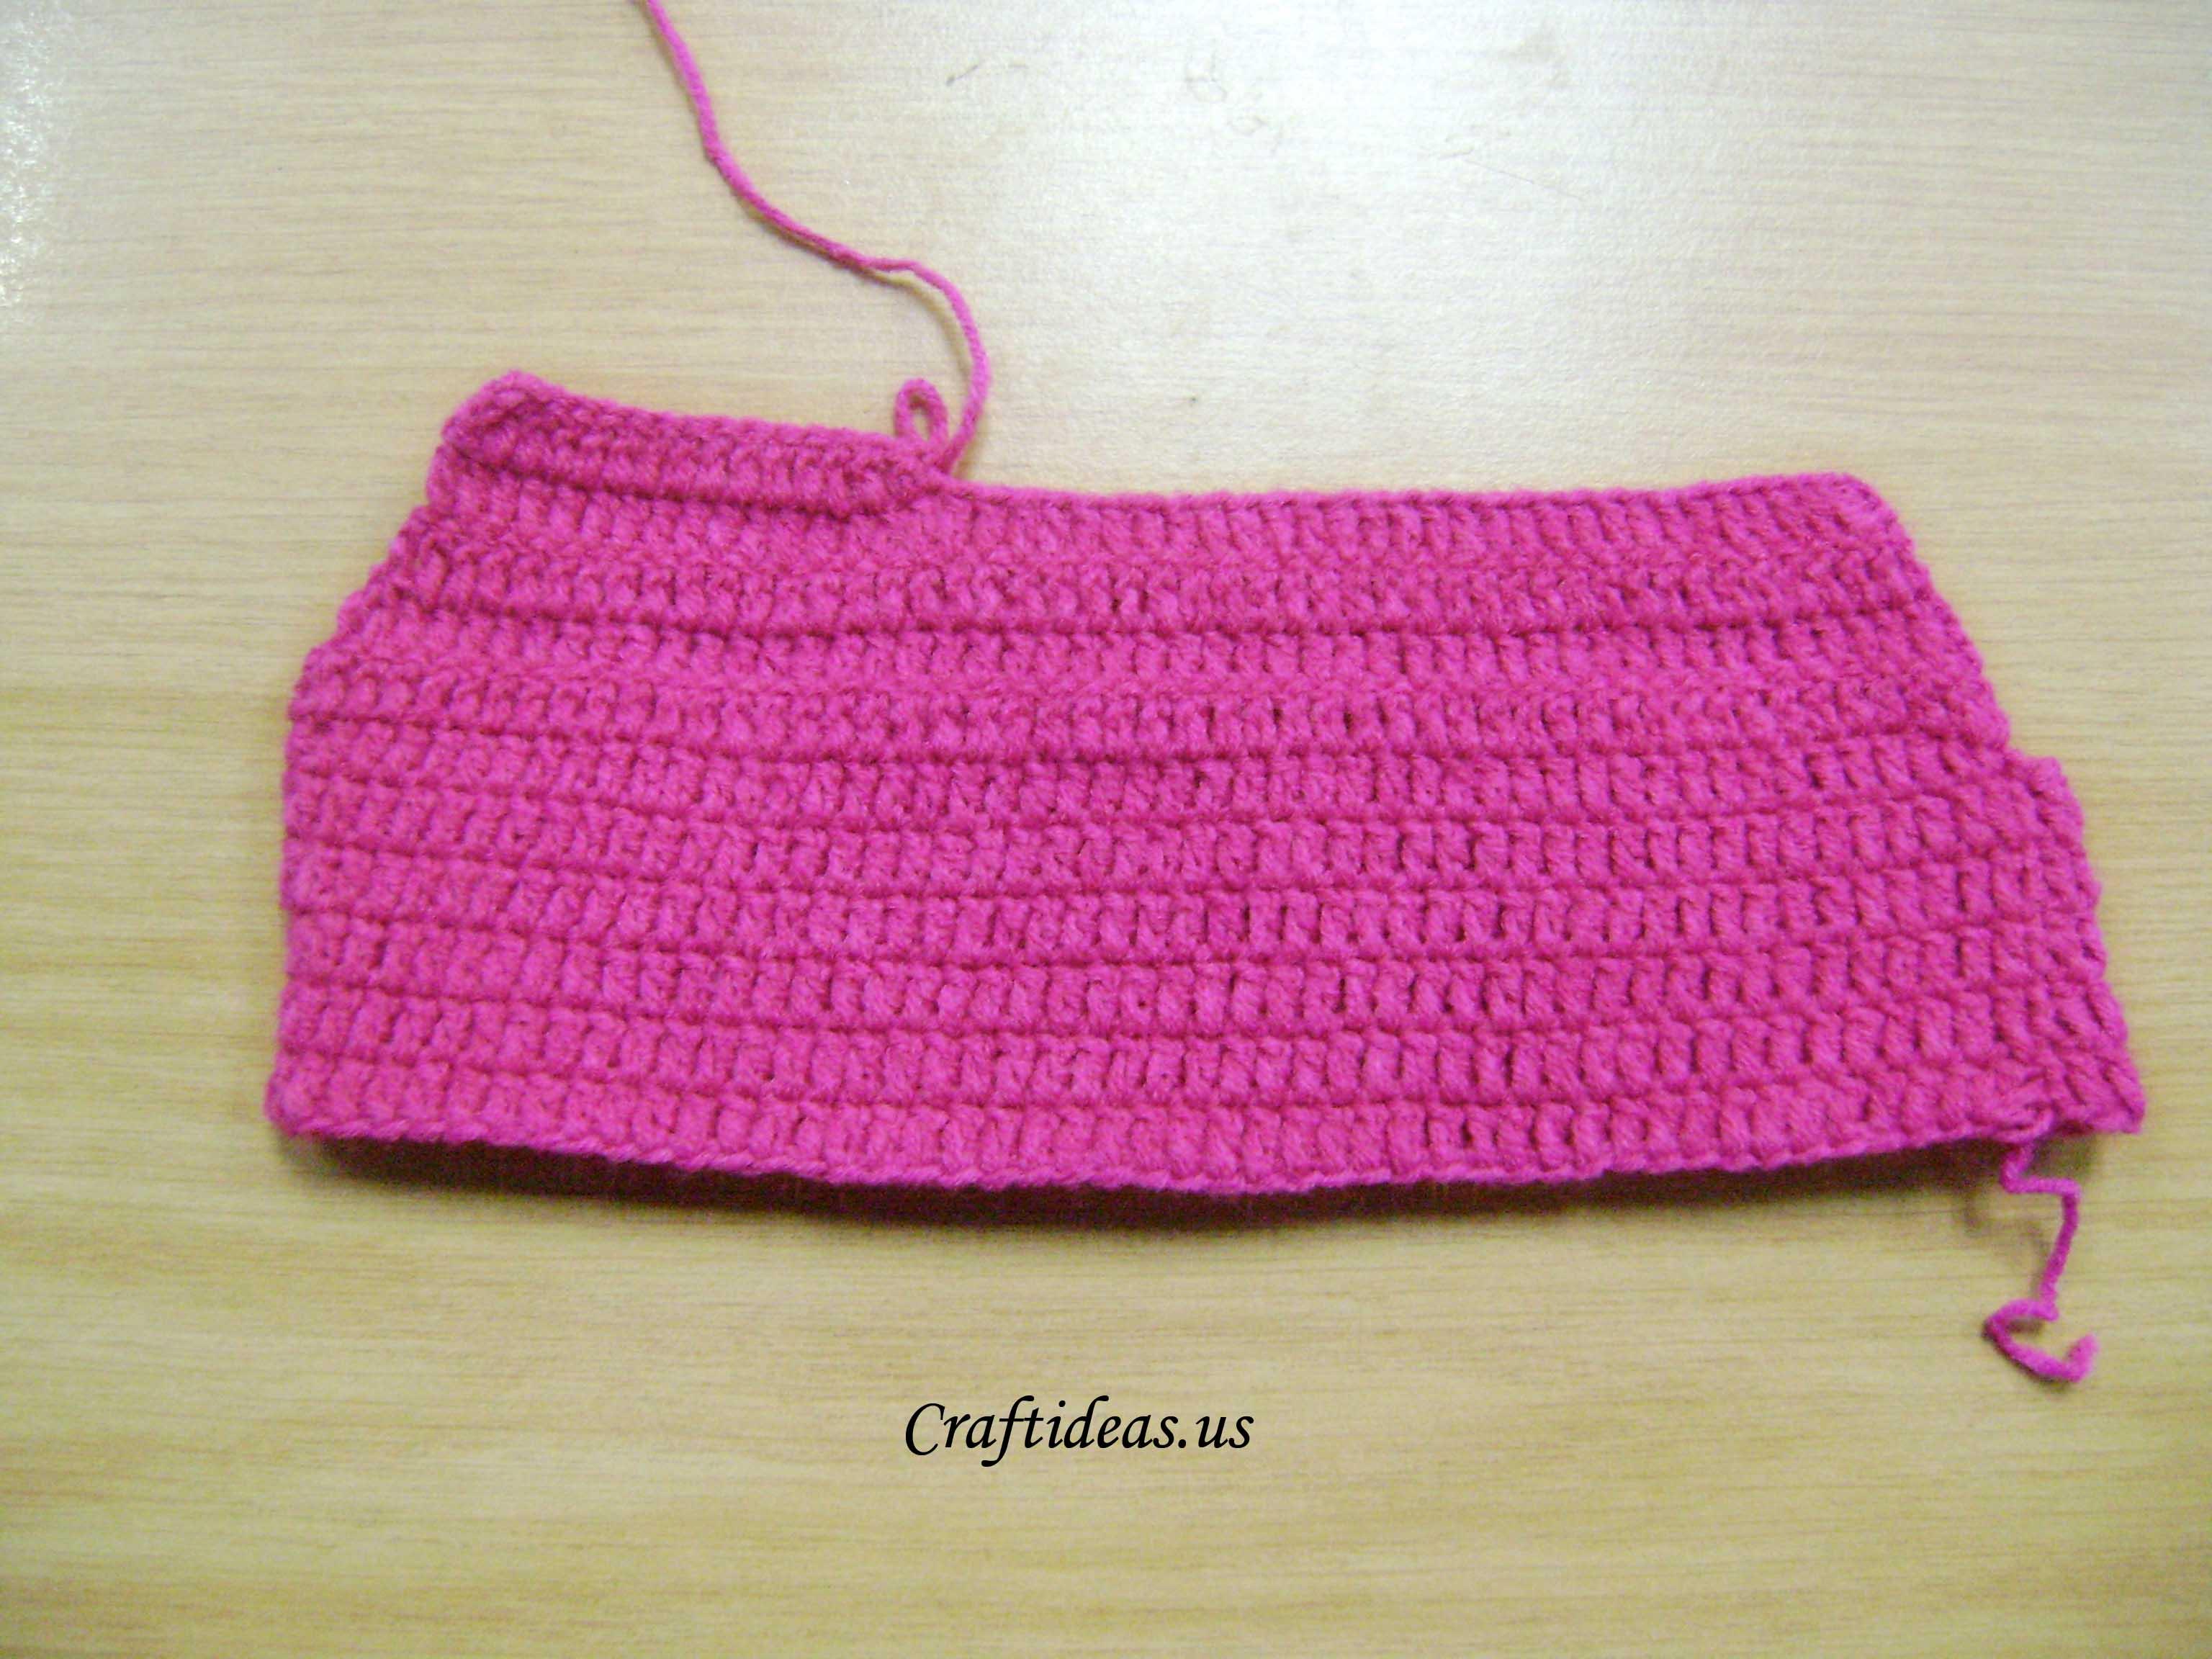 Crochet Craft Ideas : Crochet cute baby dress tutorial